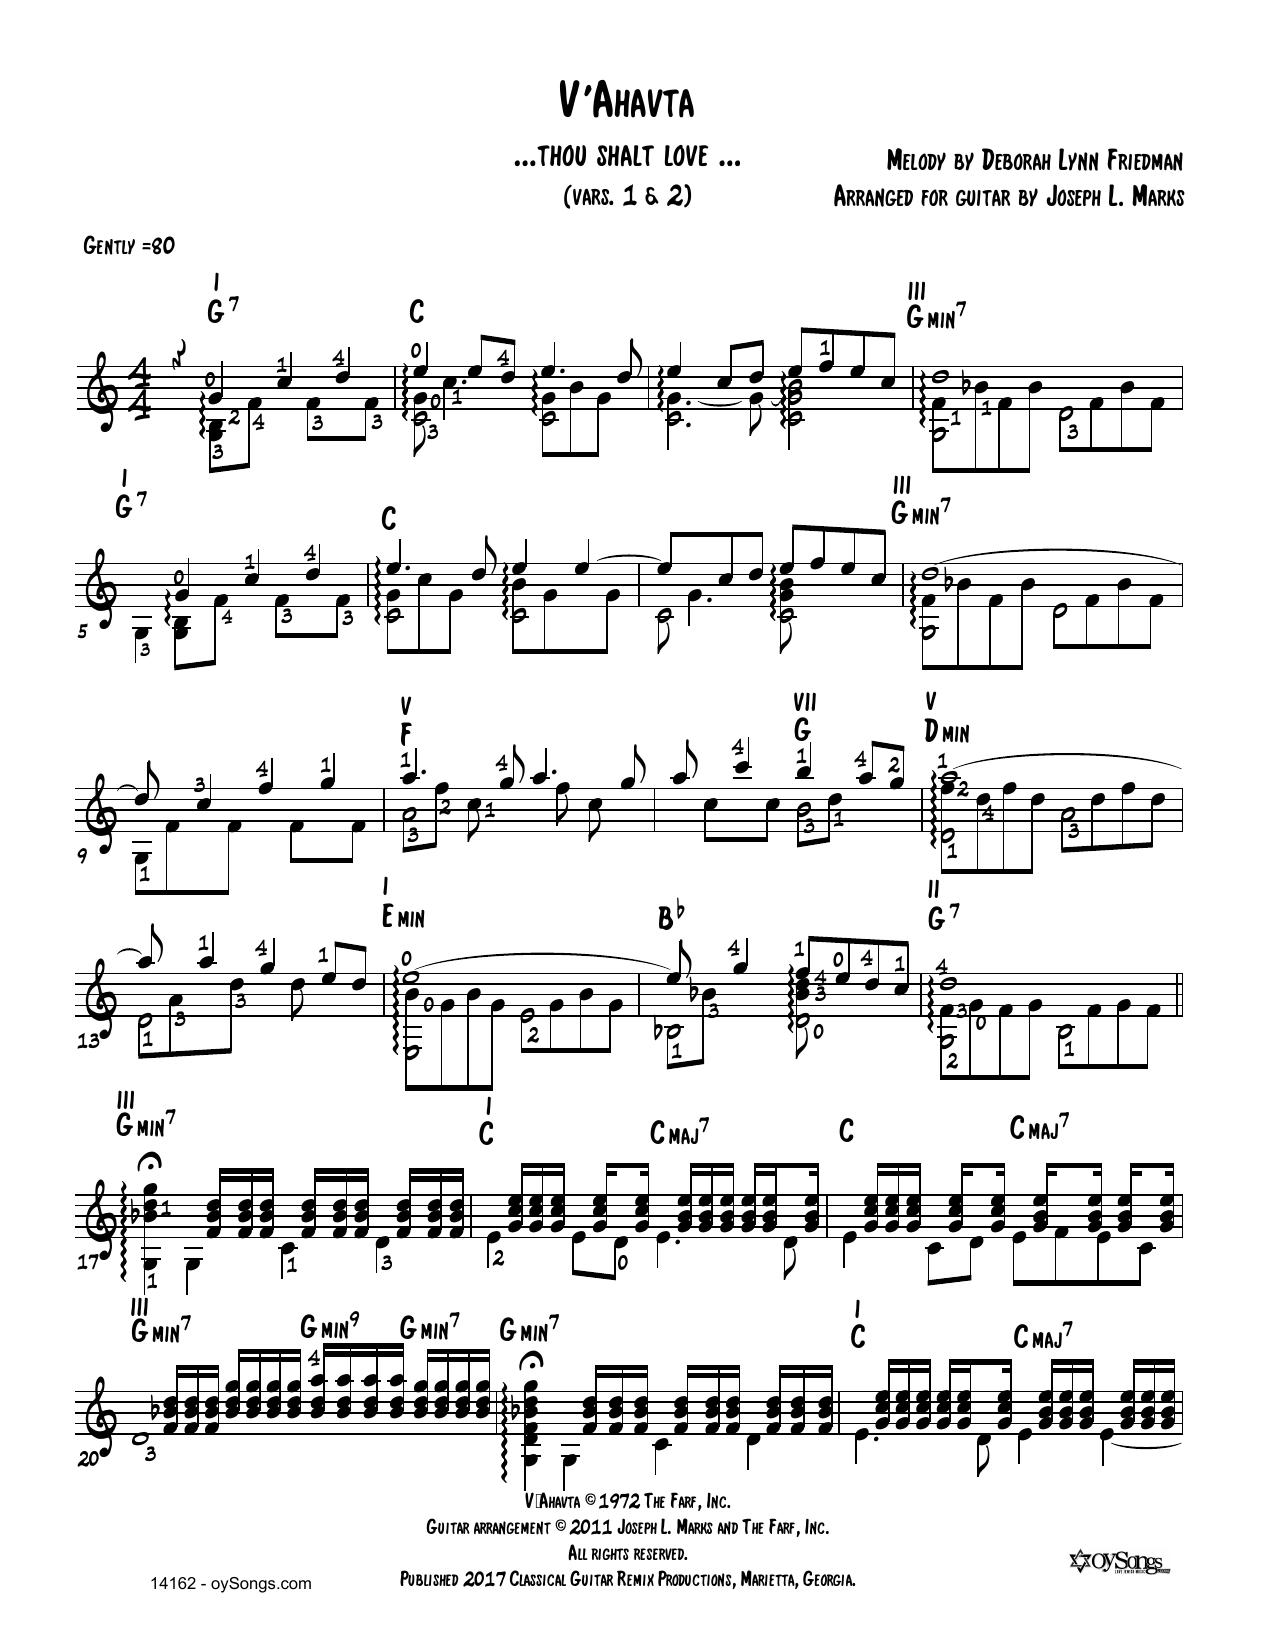 V'ahavta Vars 1, 2 Sheet Music